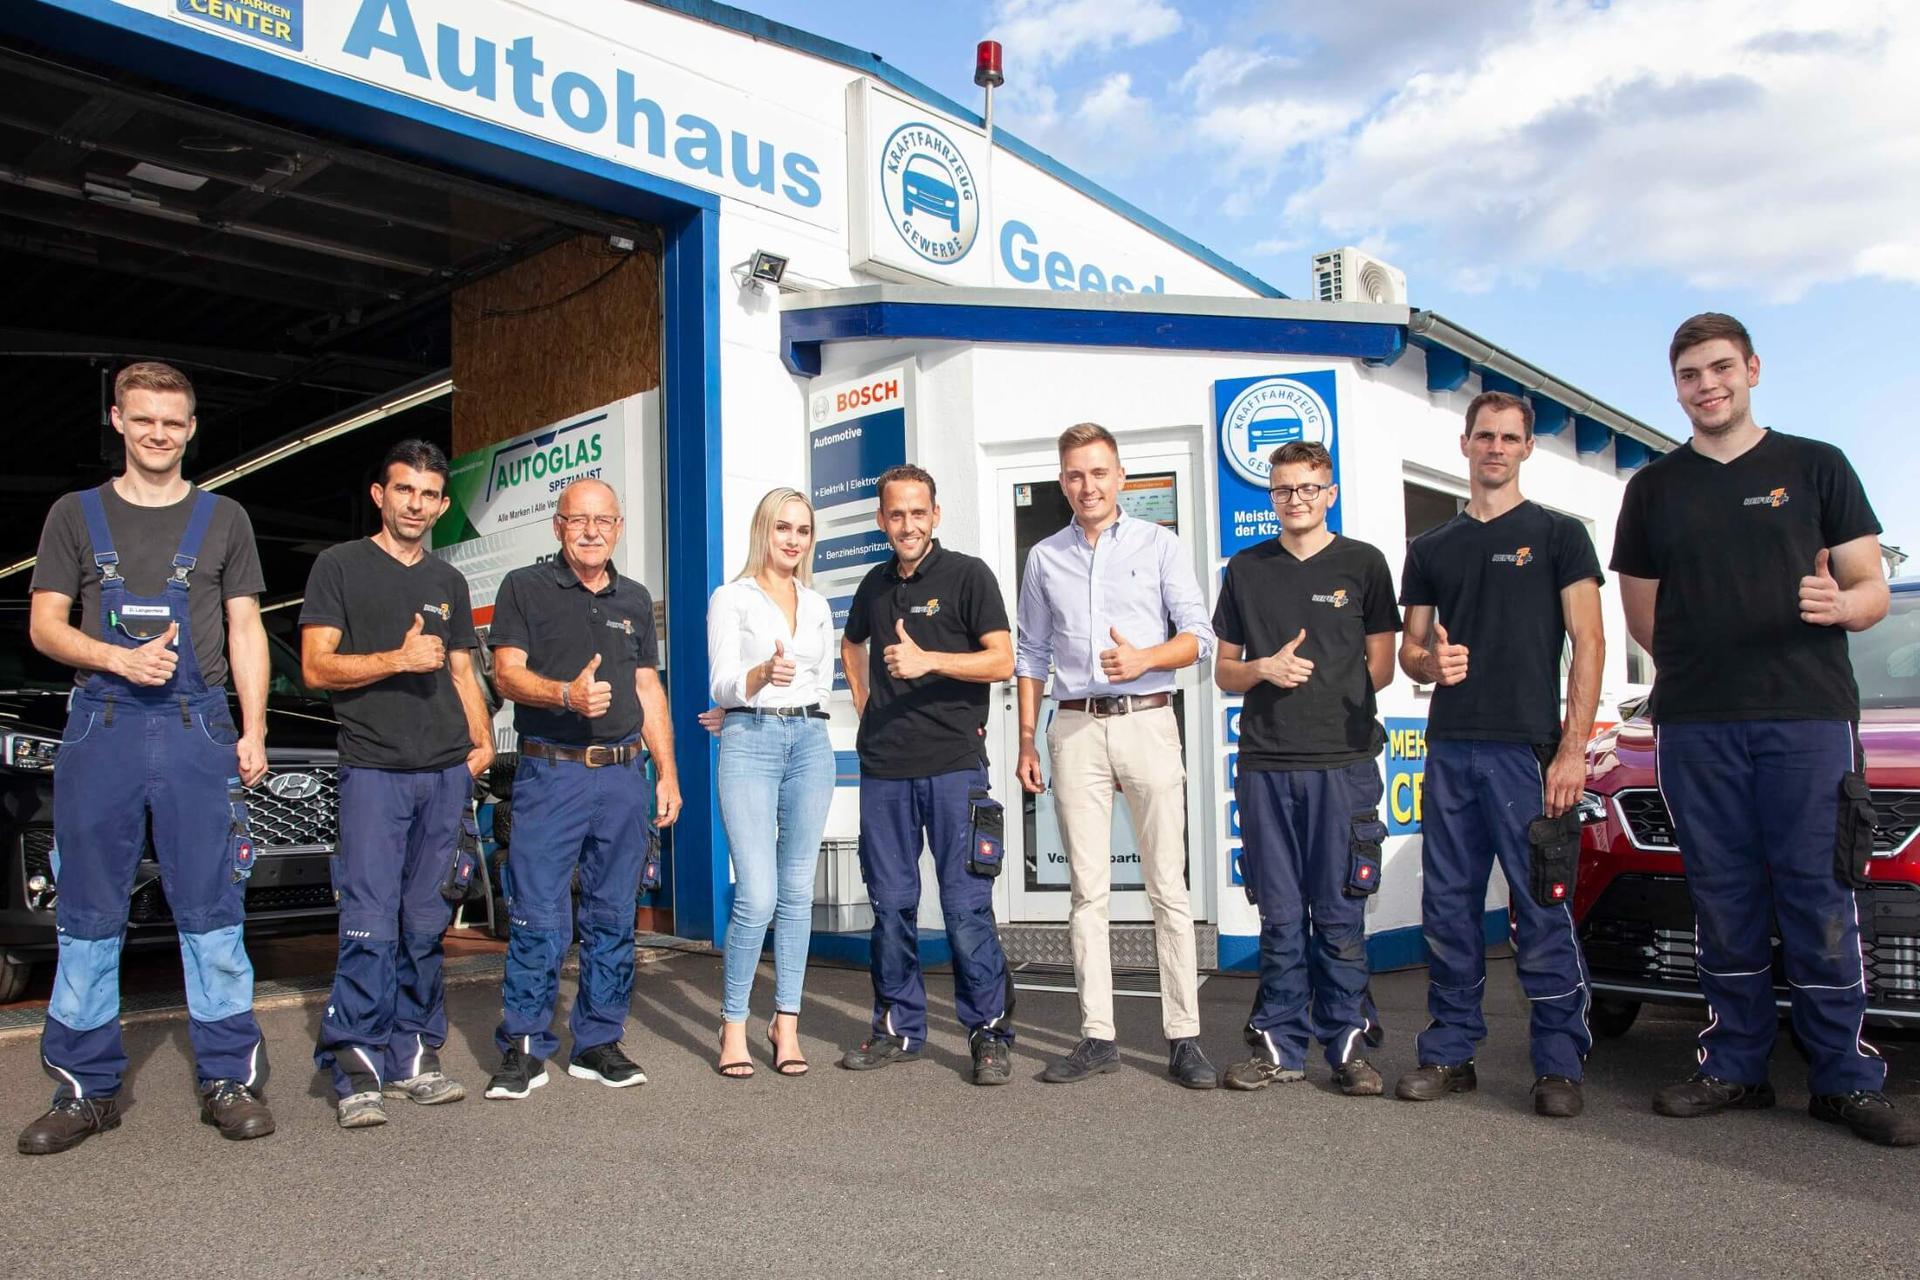 Autohaus Geesdorf - Werkstatt - Autoglas Spezialist